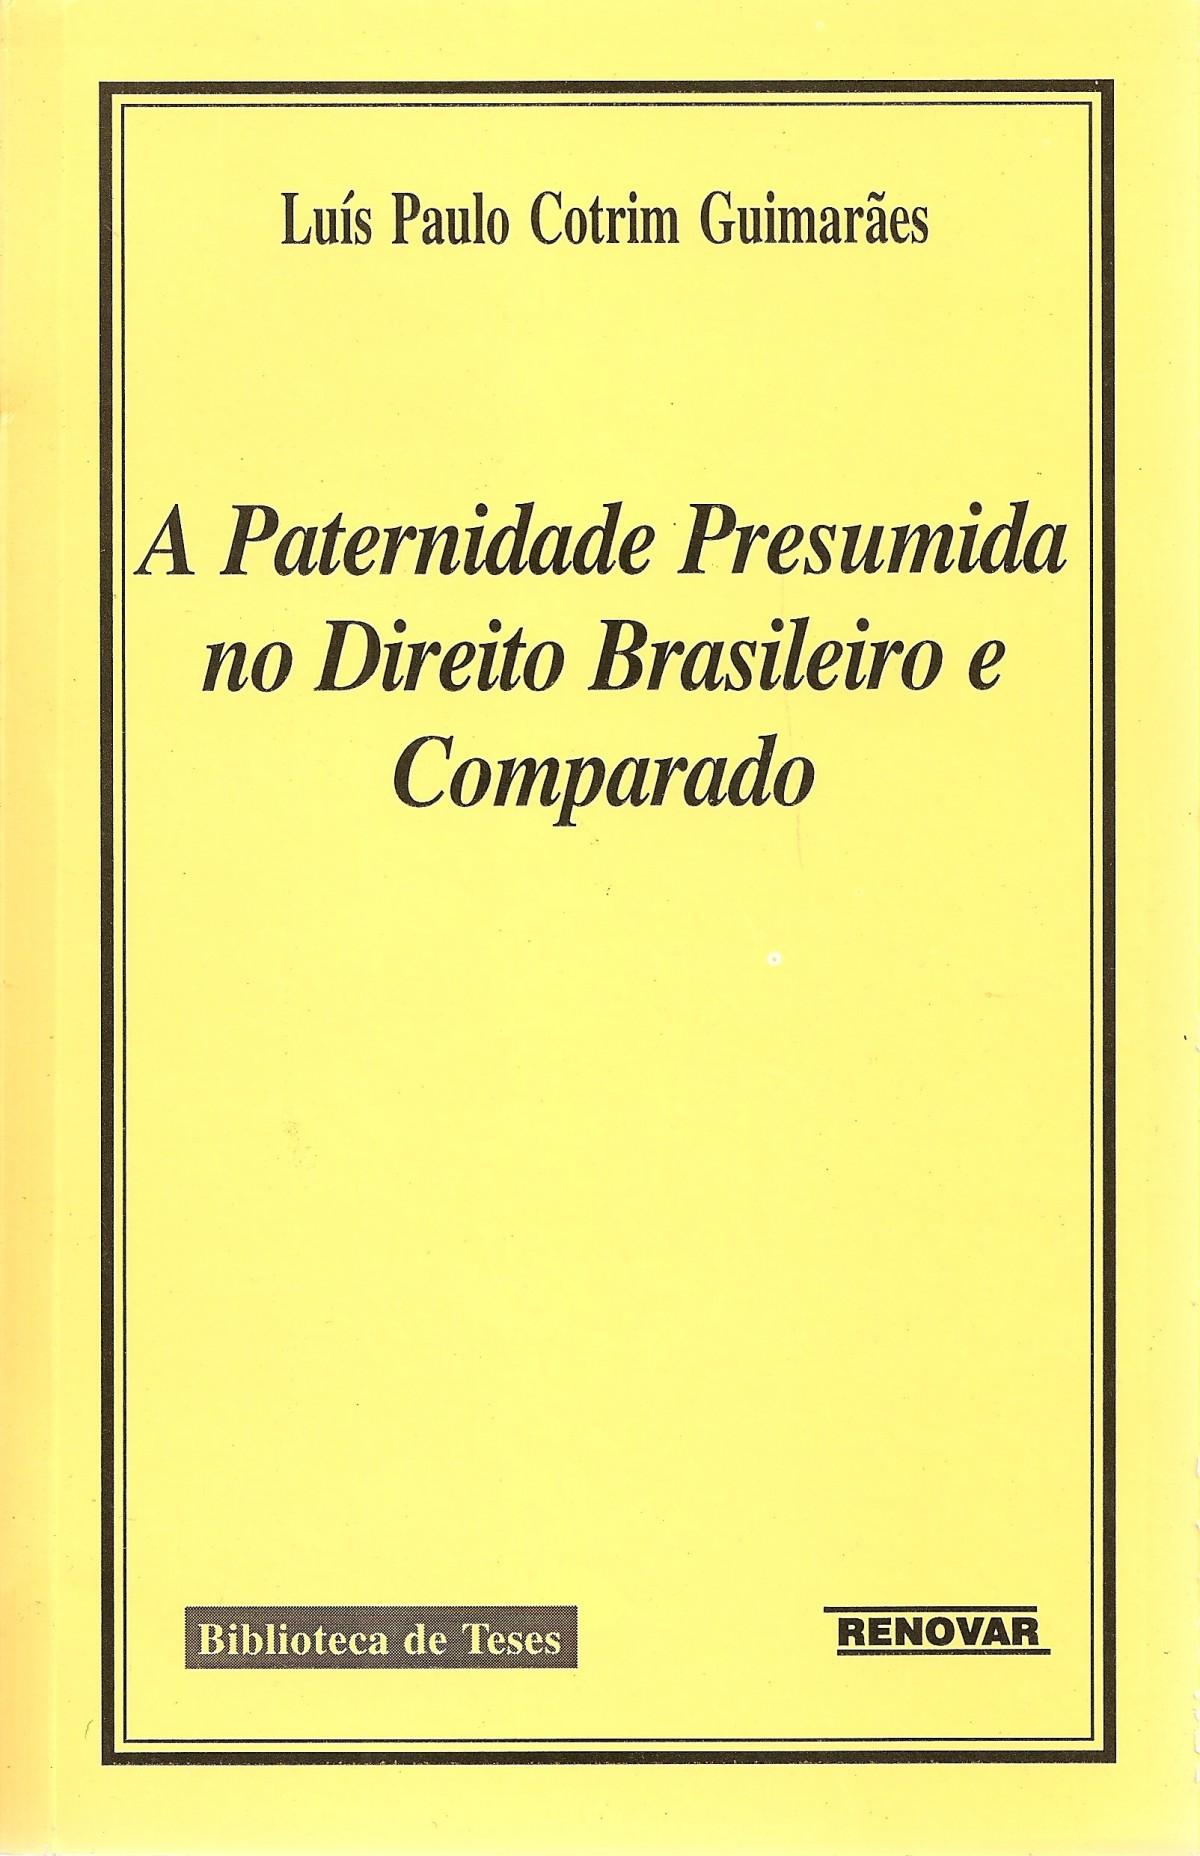 Foto 1 - A Paternidade Presumida no Direito Brasileiro e Comparado